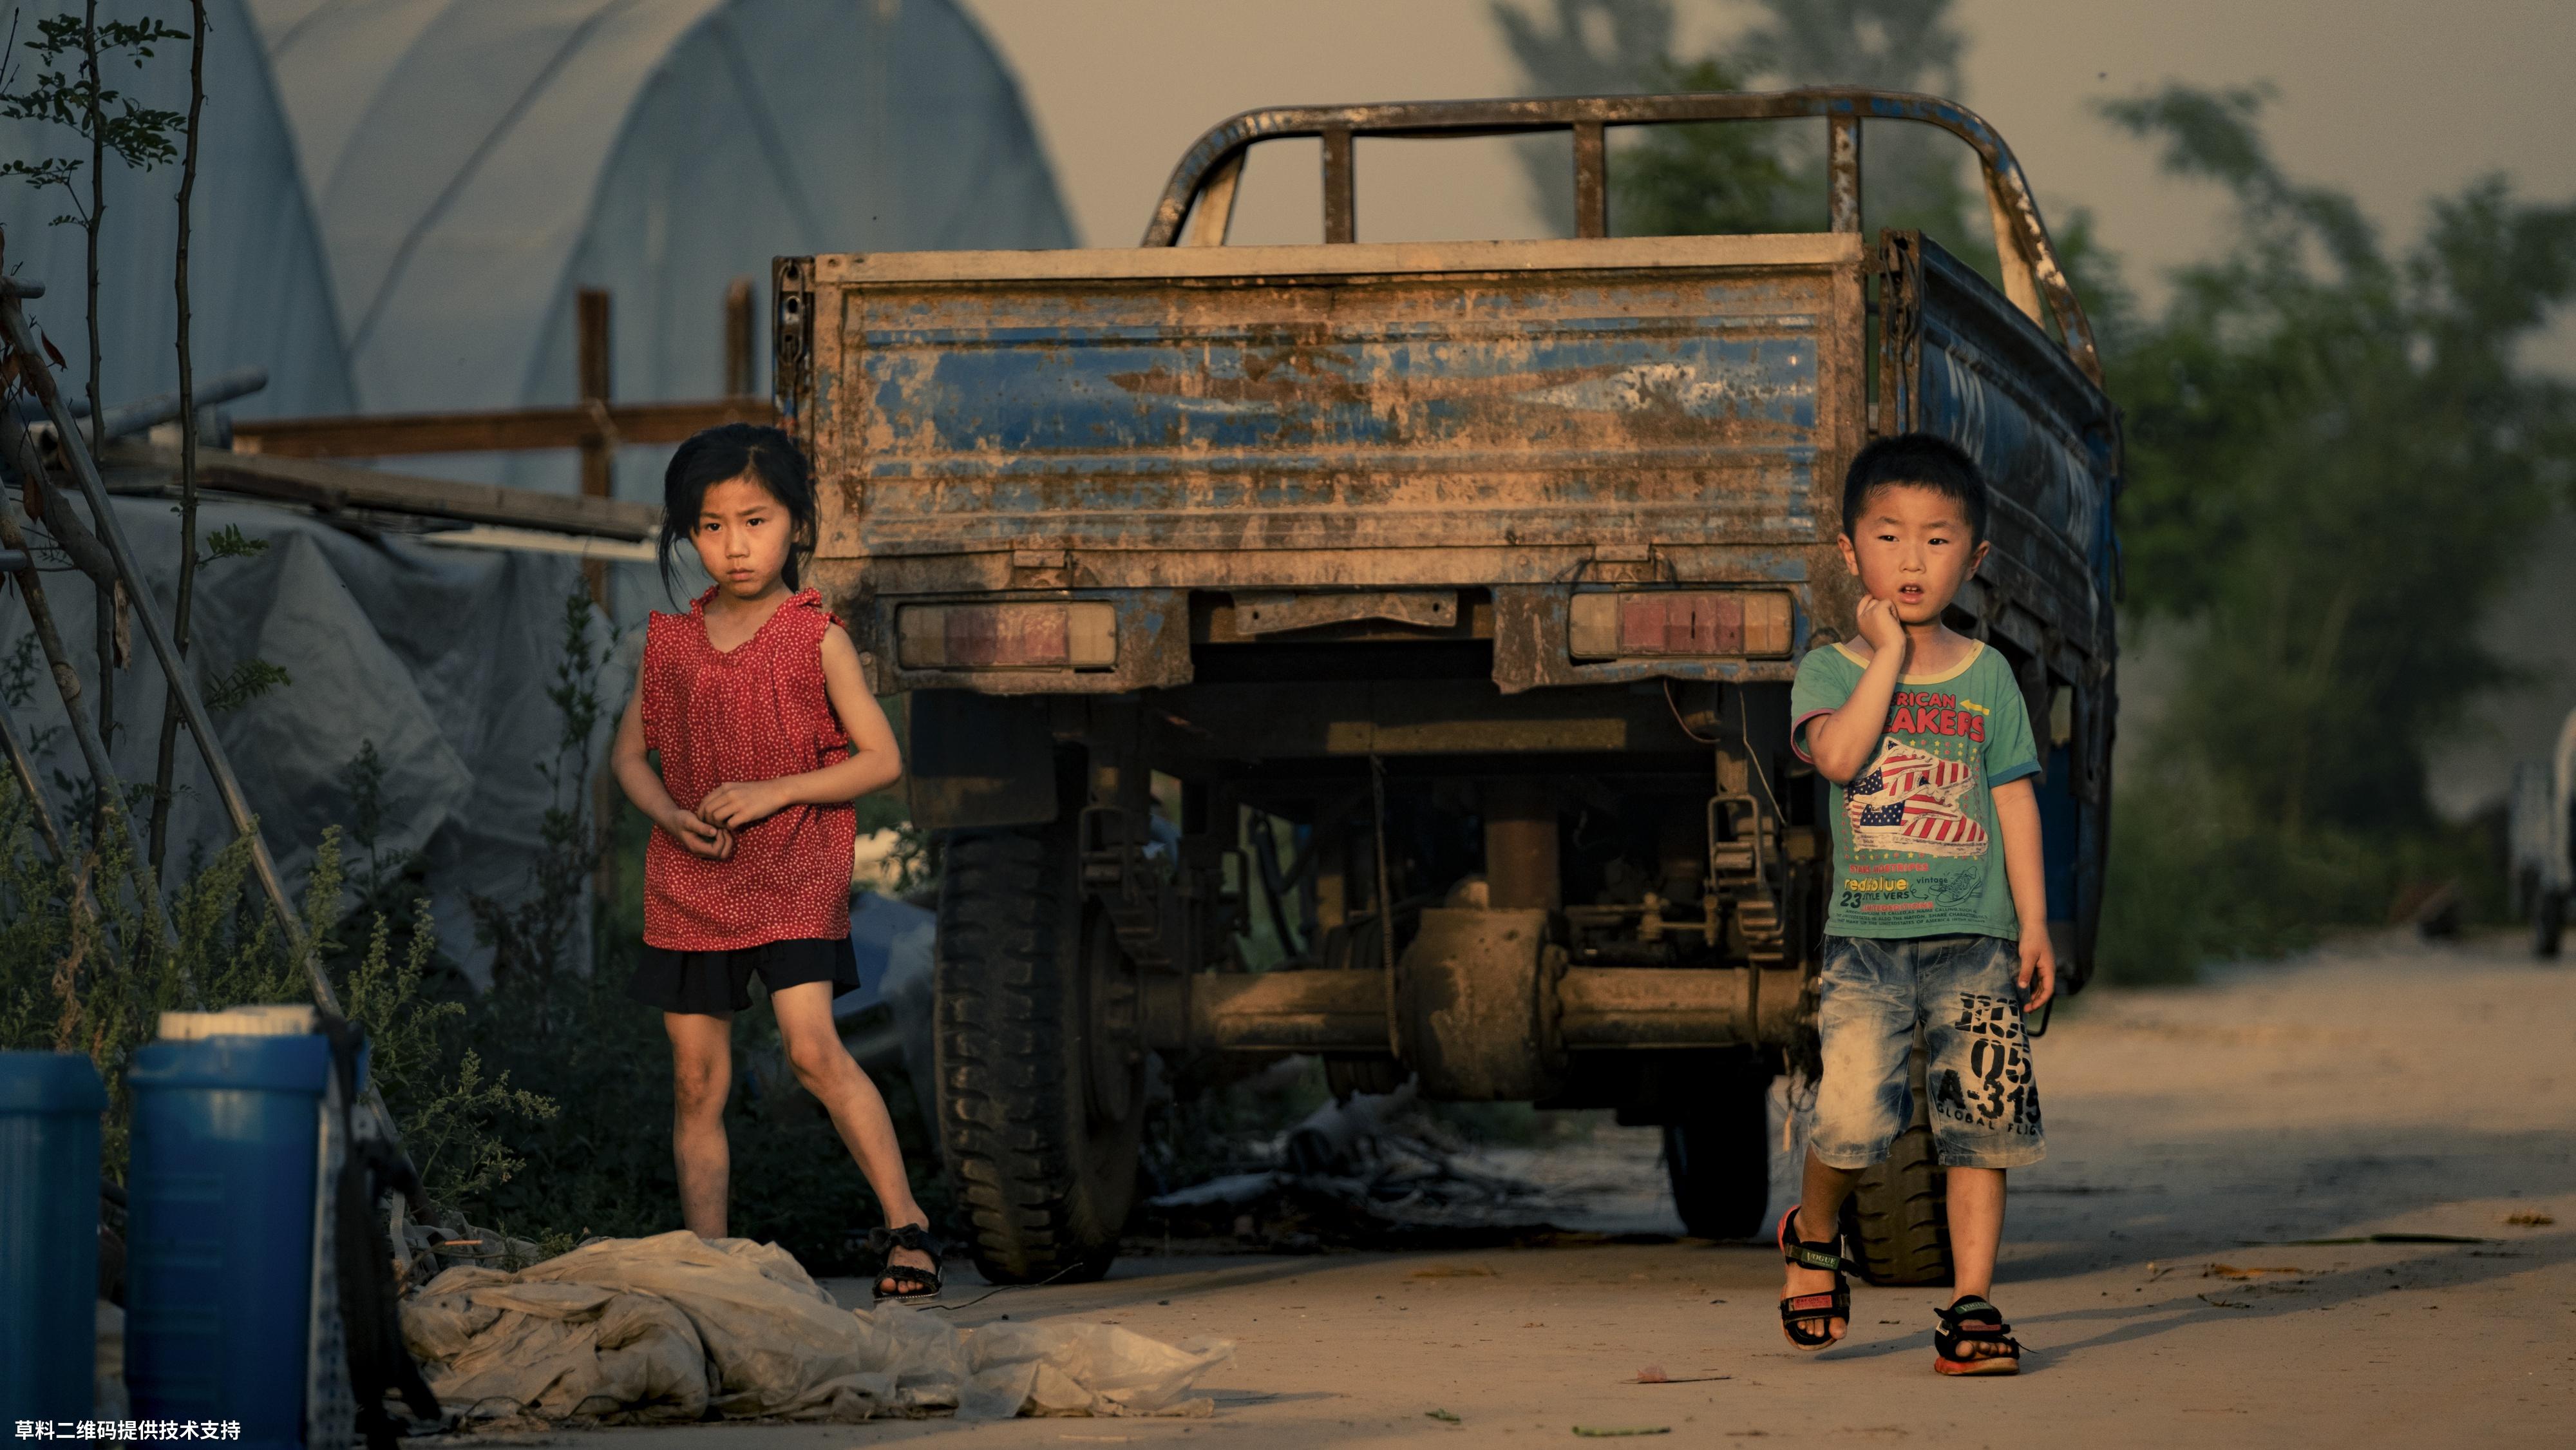 黄晓东《留守儿童》富士,这里没有城市的游乐场,没有学校的打铃声,父母不在的日子,只能跟随爷爷奶奶去农田玩耍。.jpg